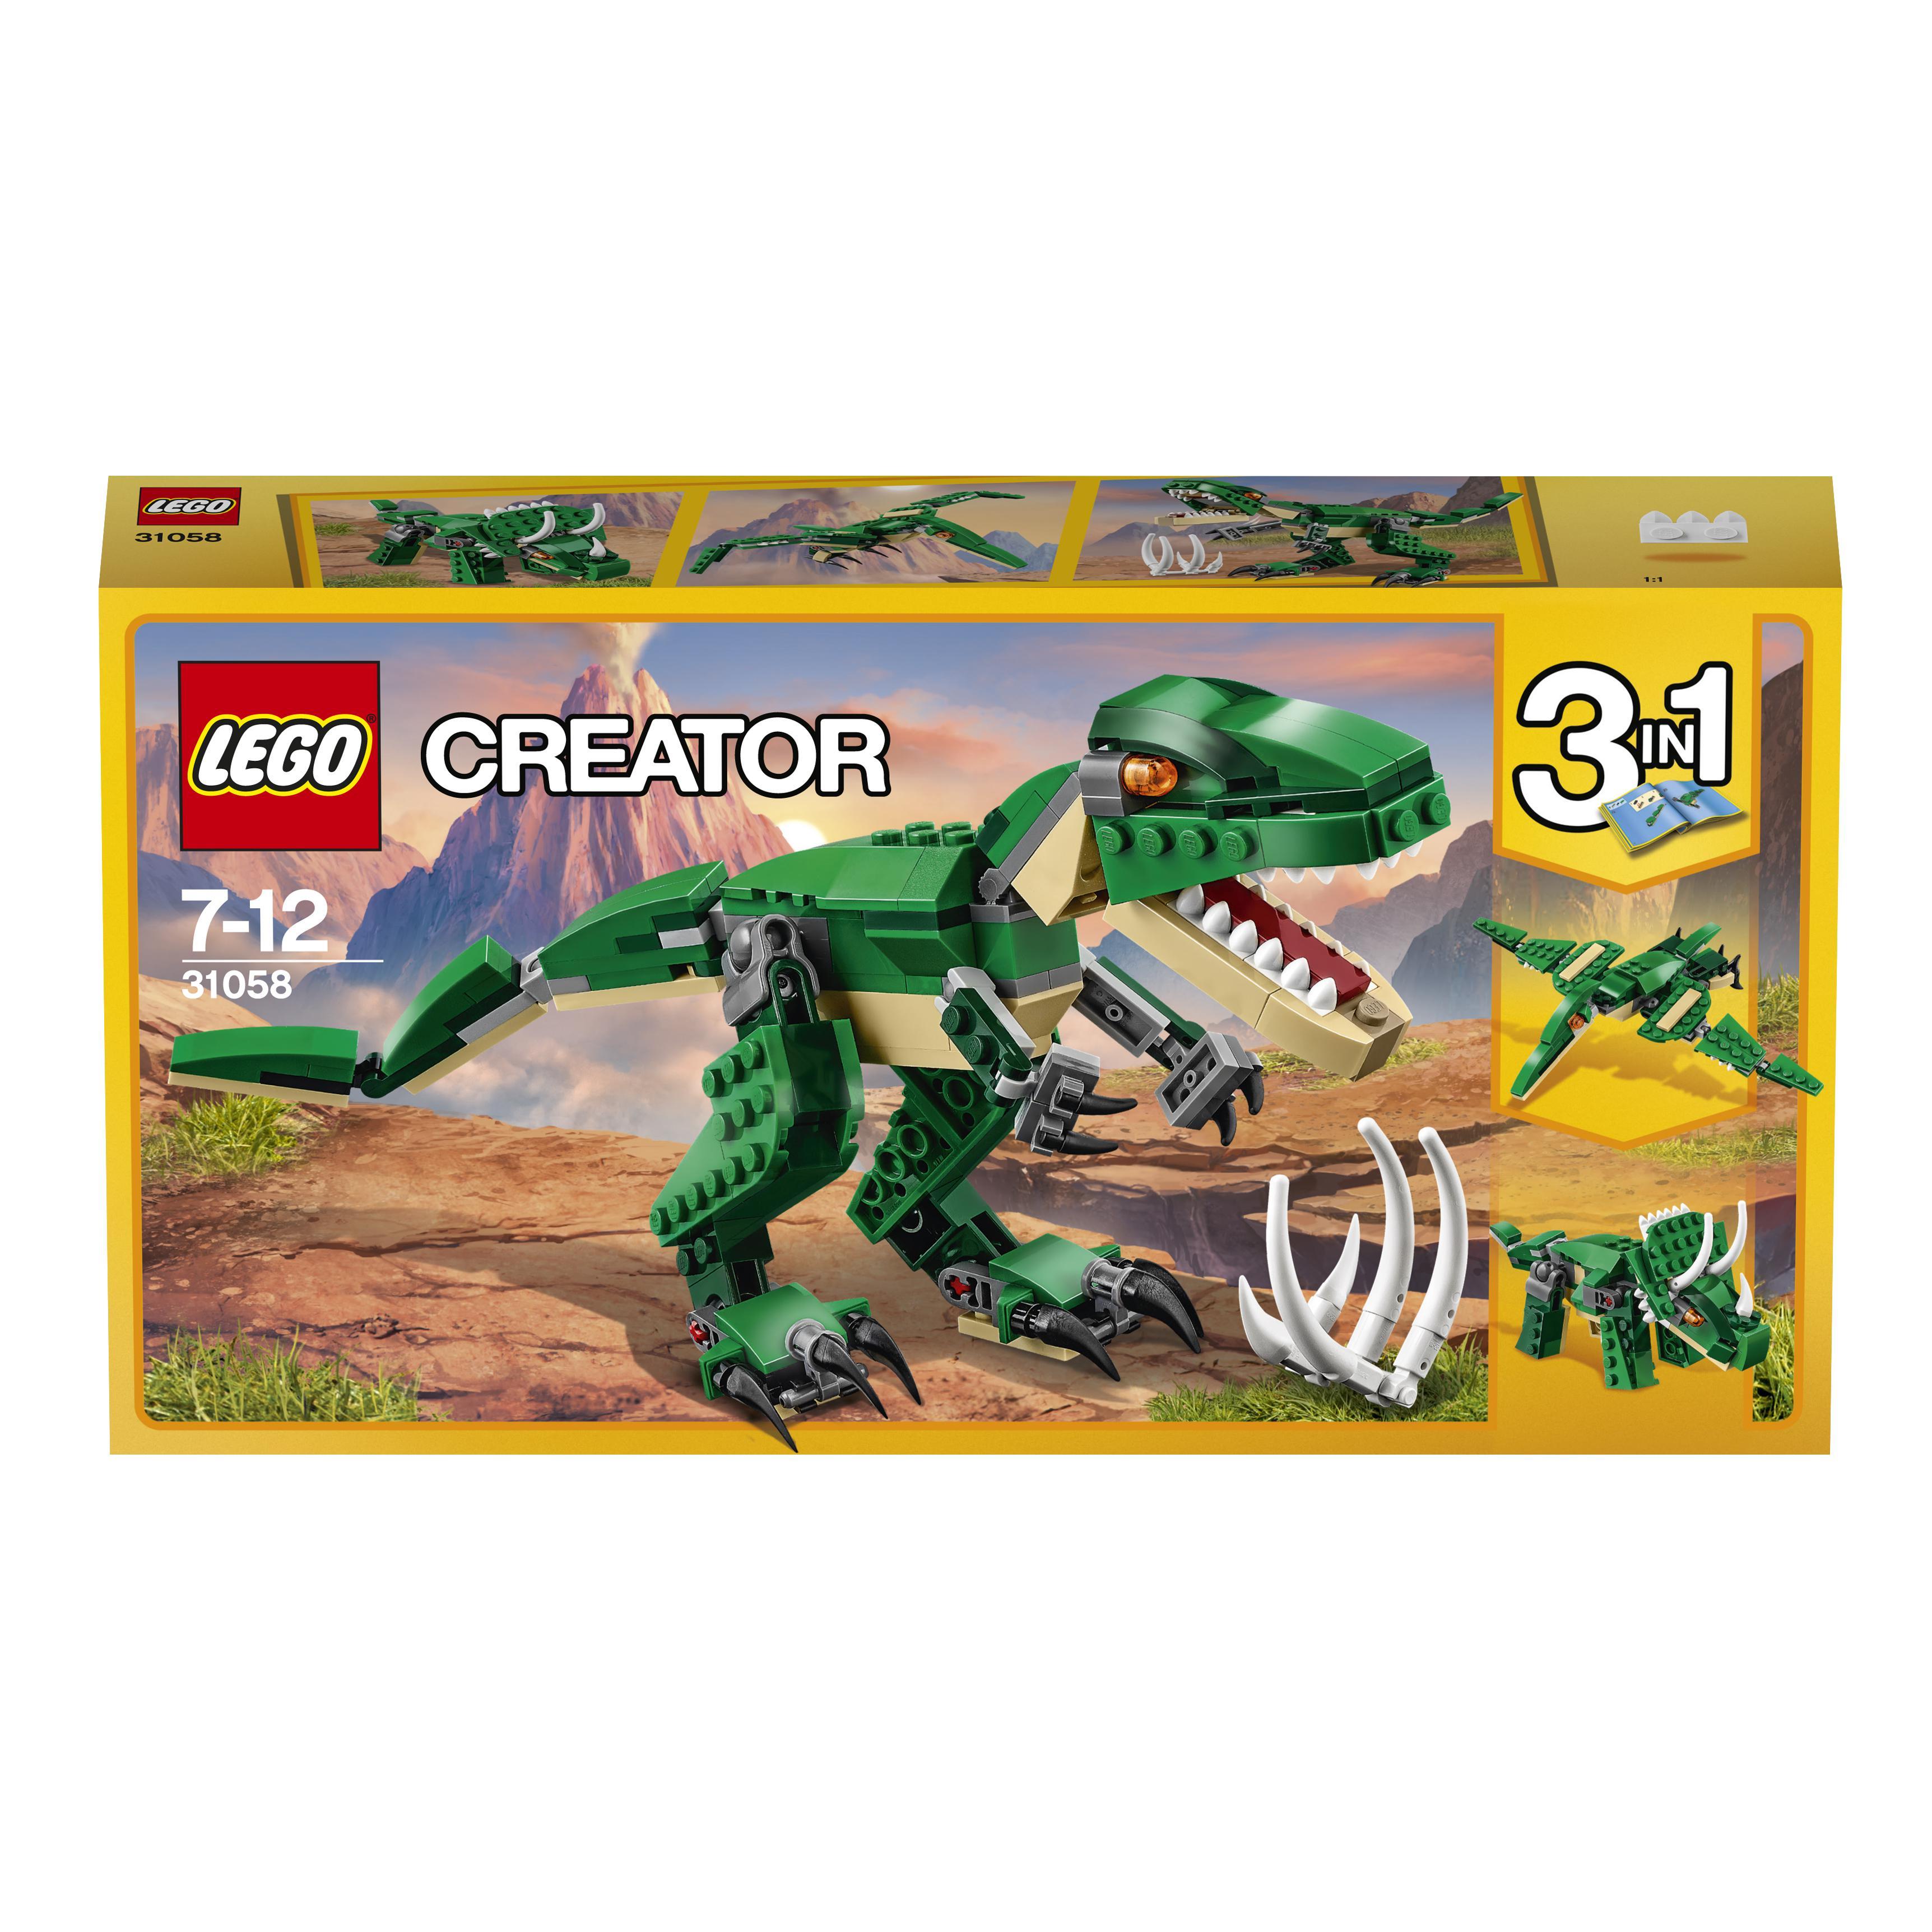 Лего як ідеальний подарунок для дитини 2